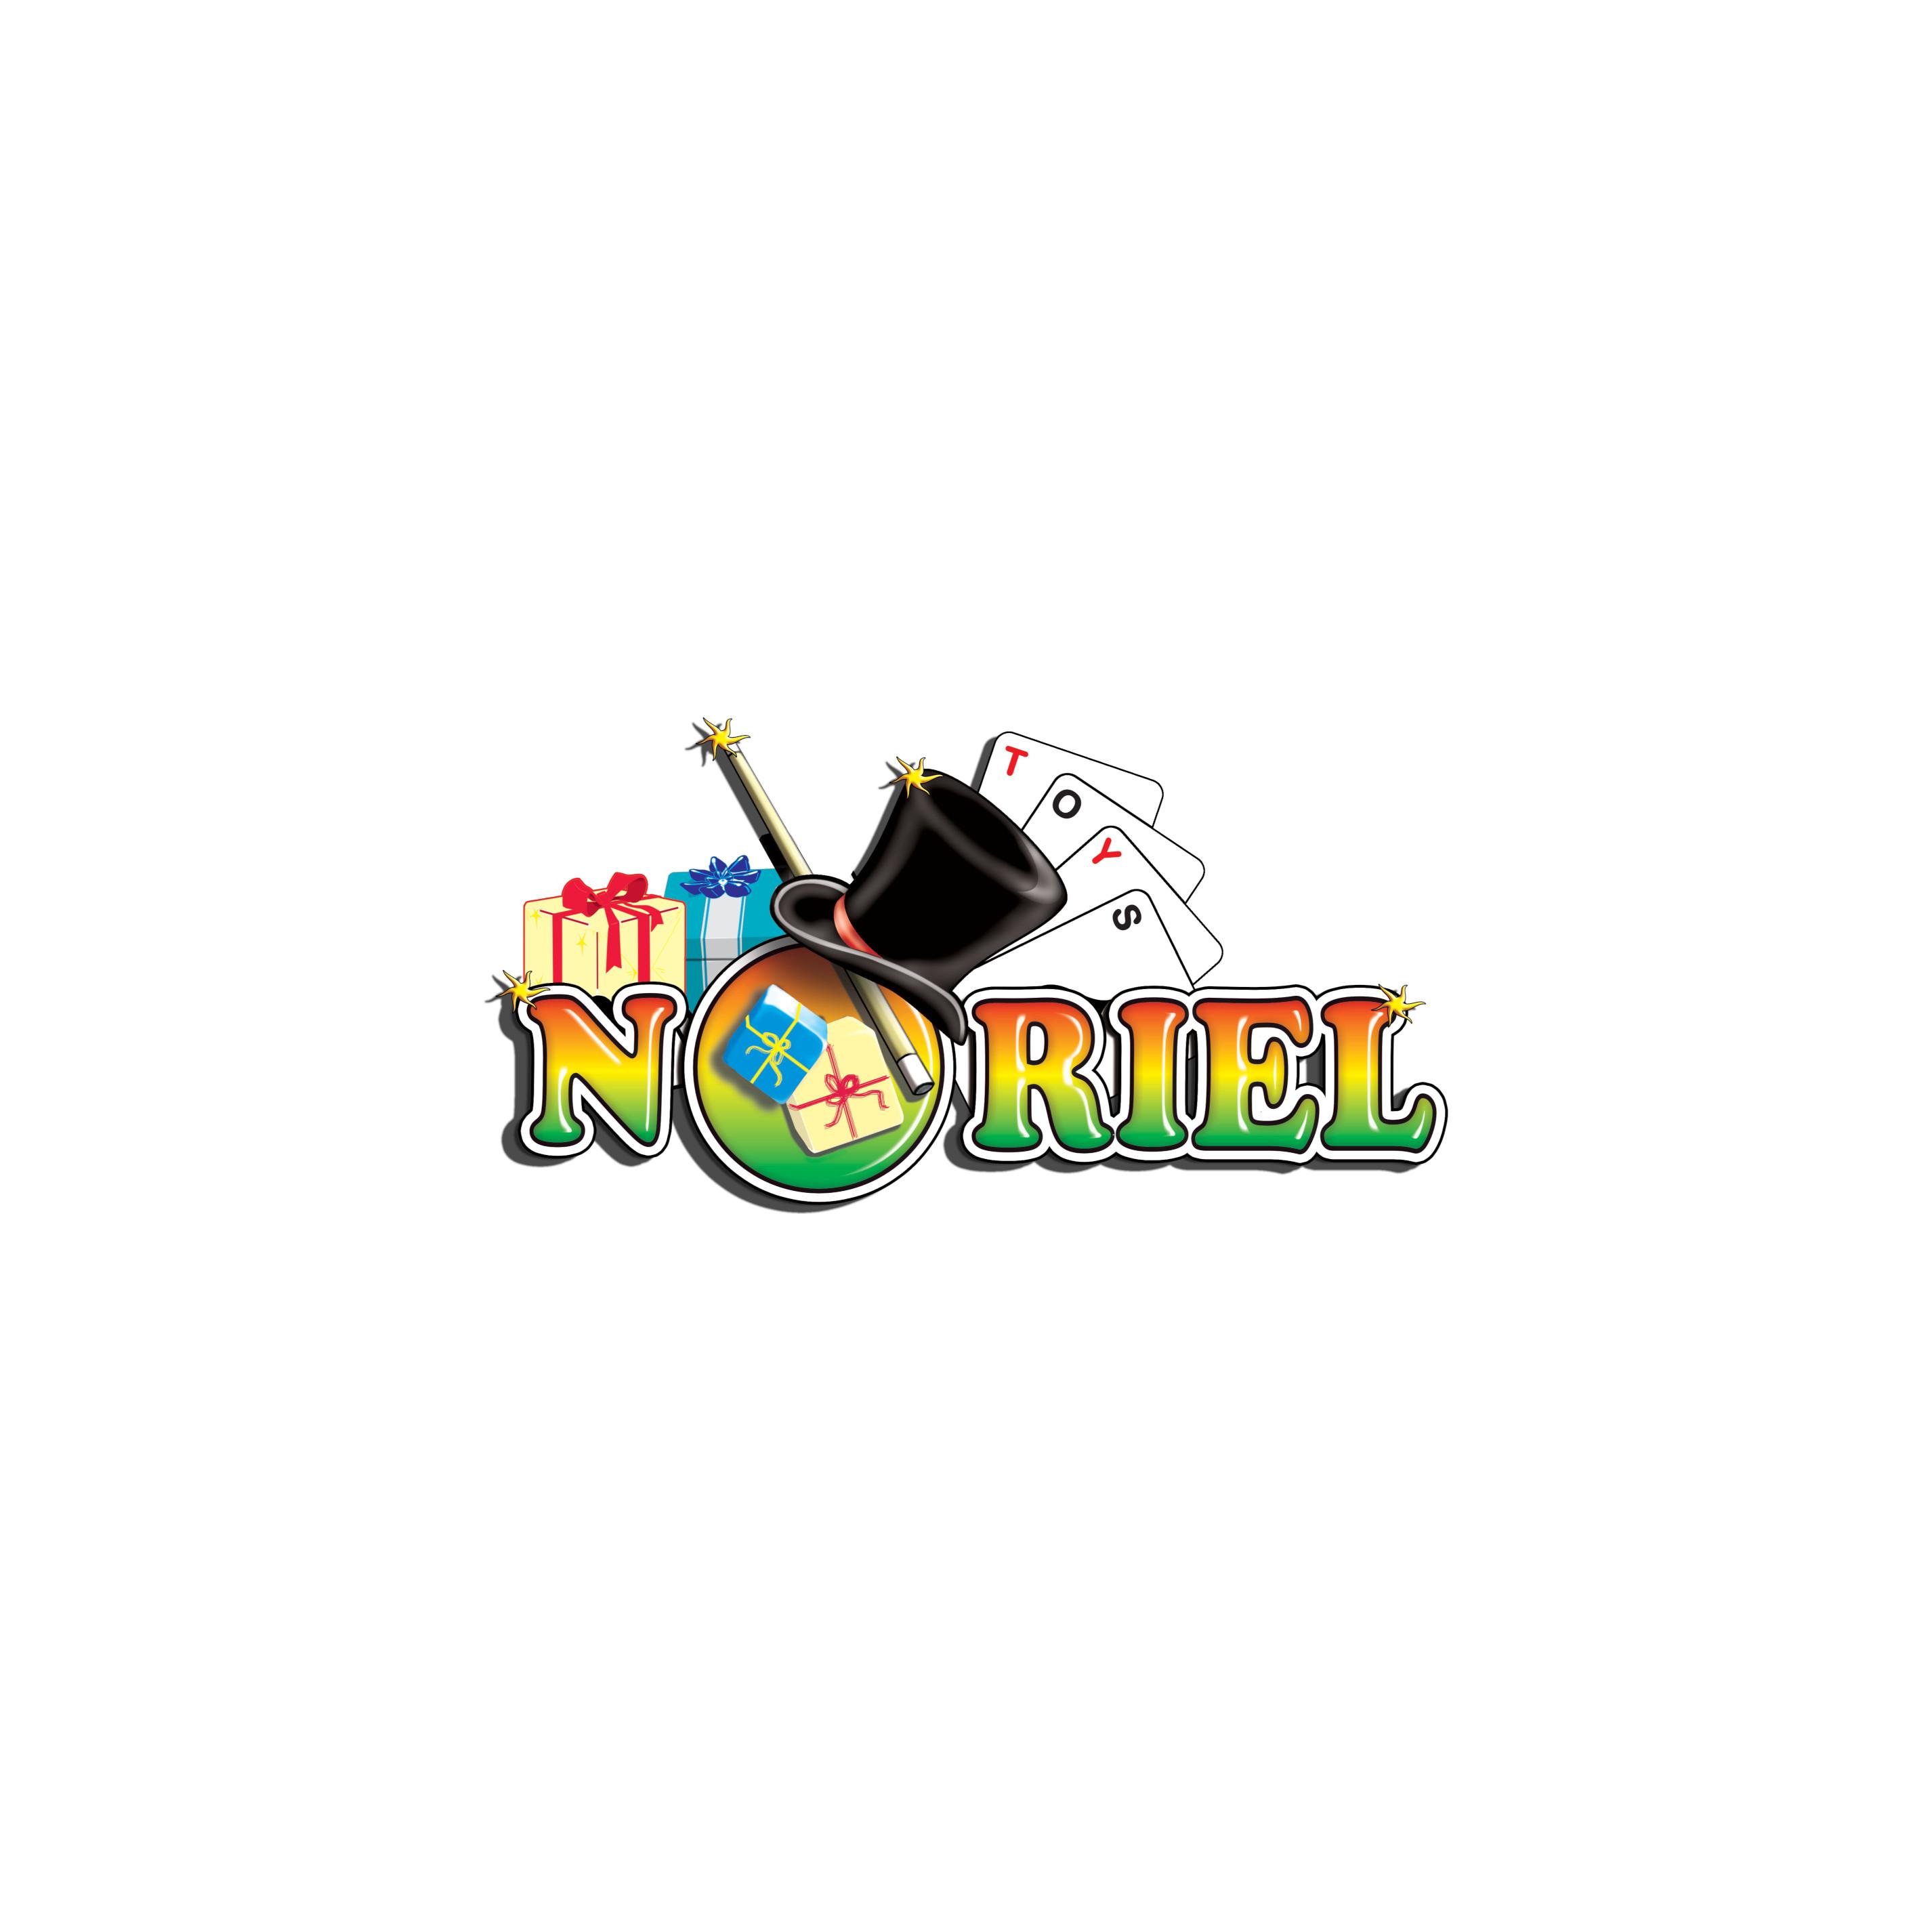 Rucsac gradinita LEGO® Core Line - Ergo Friends Confetti LG-20025-1814